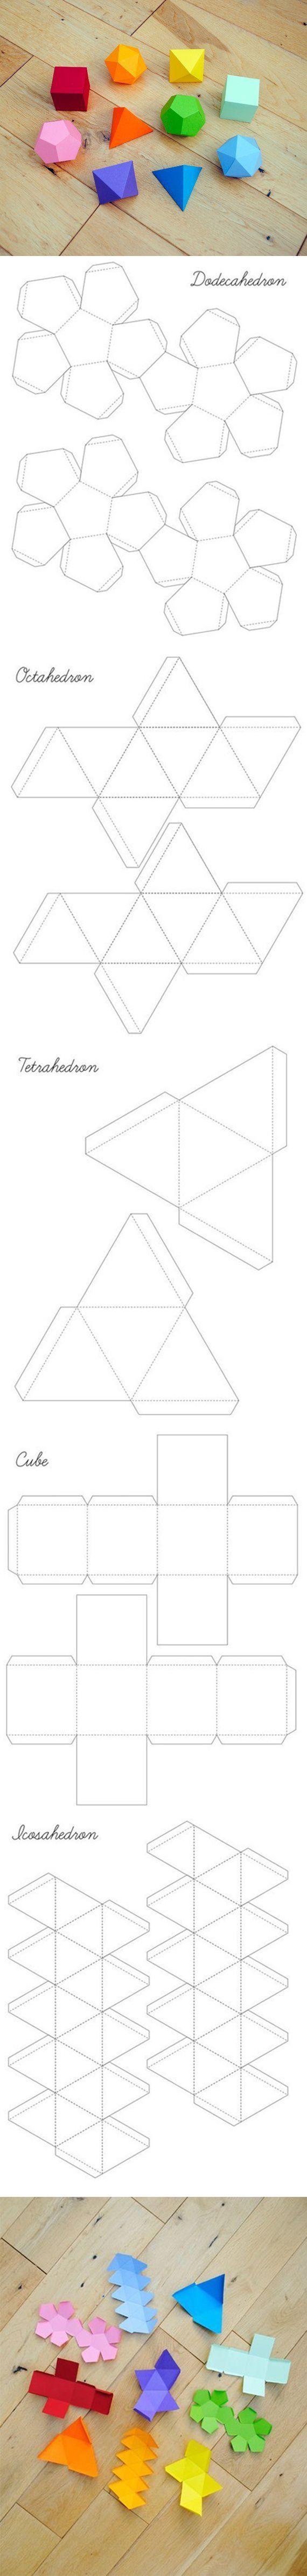 Объемные геометрические фигуры из бумаги своими руками шаблон